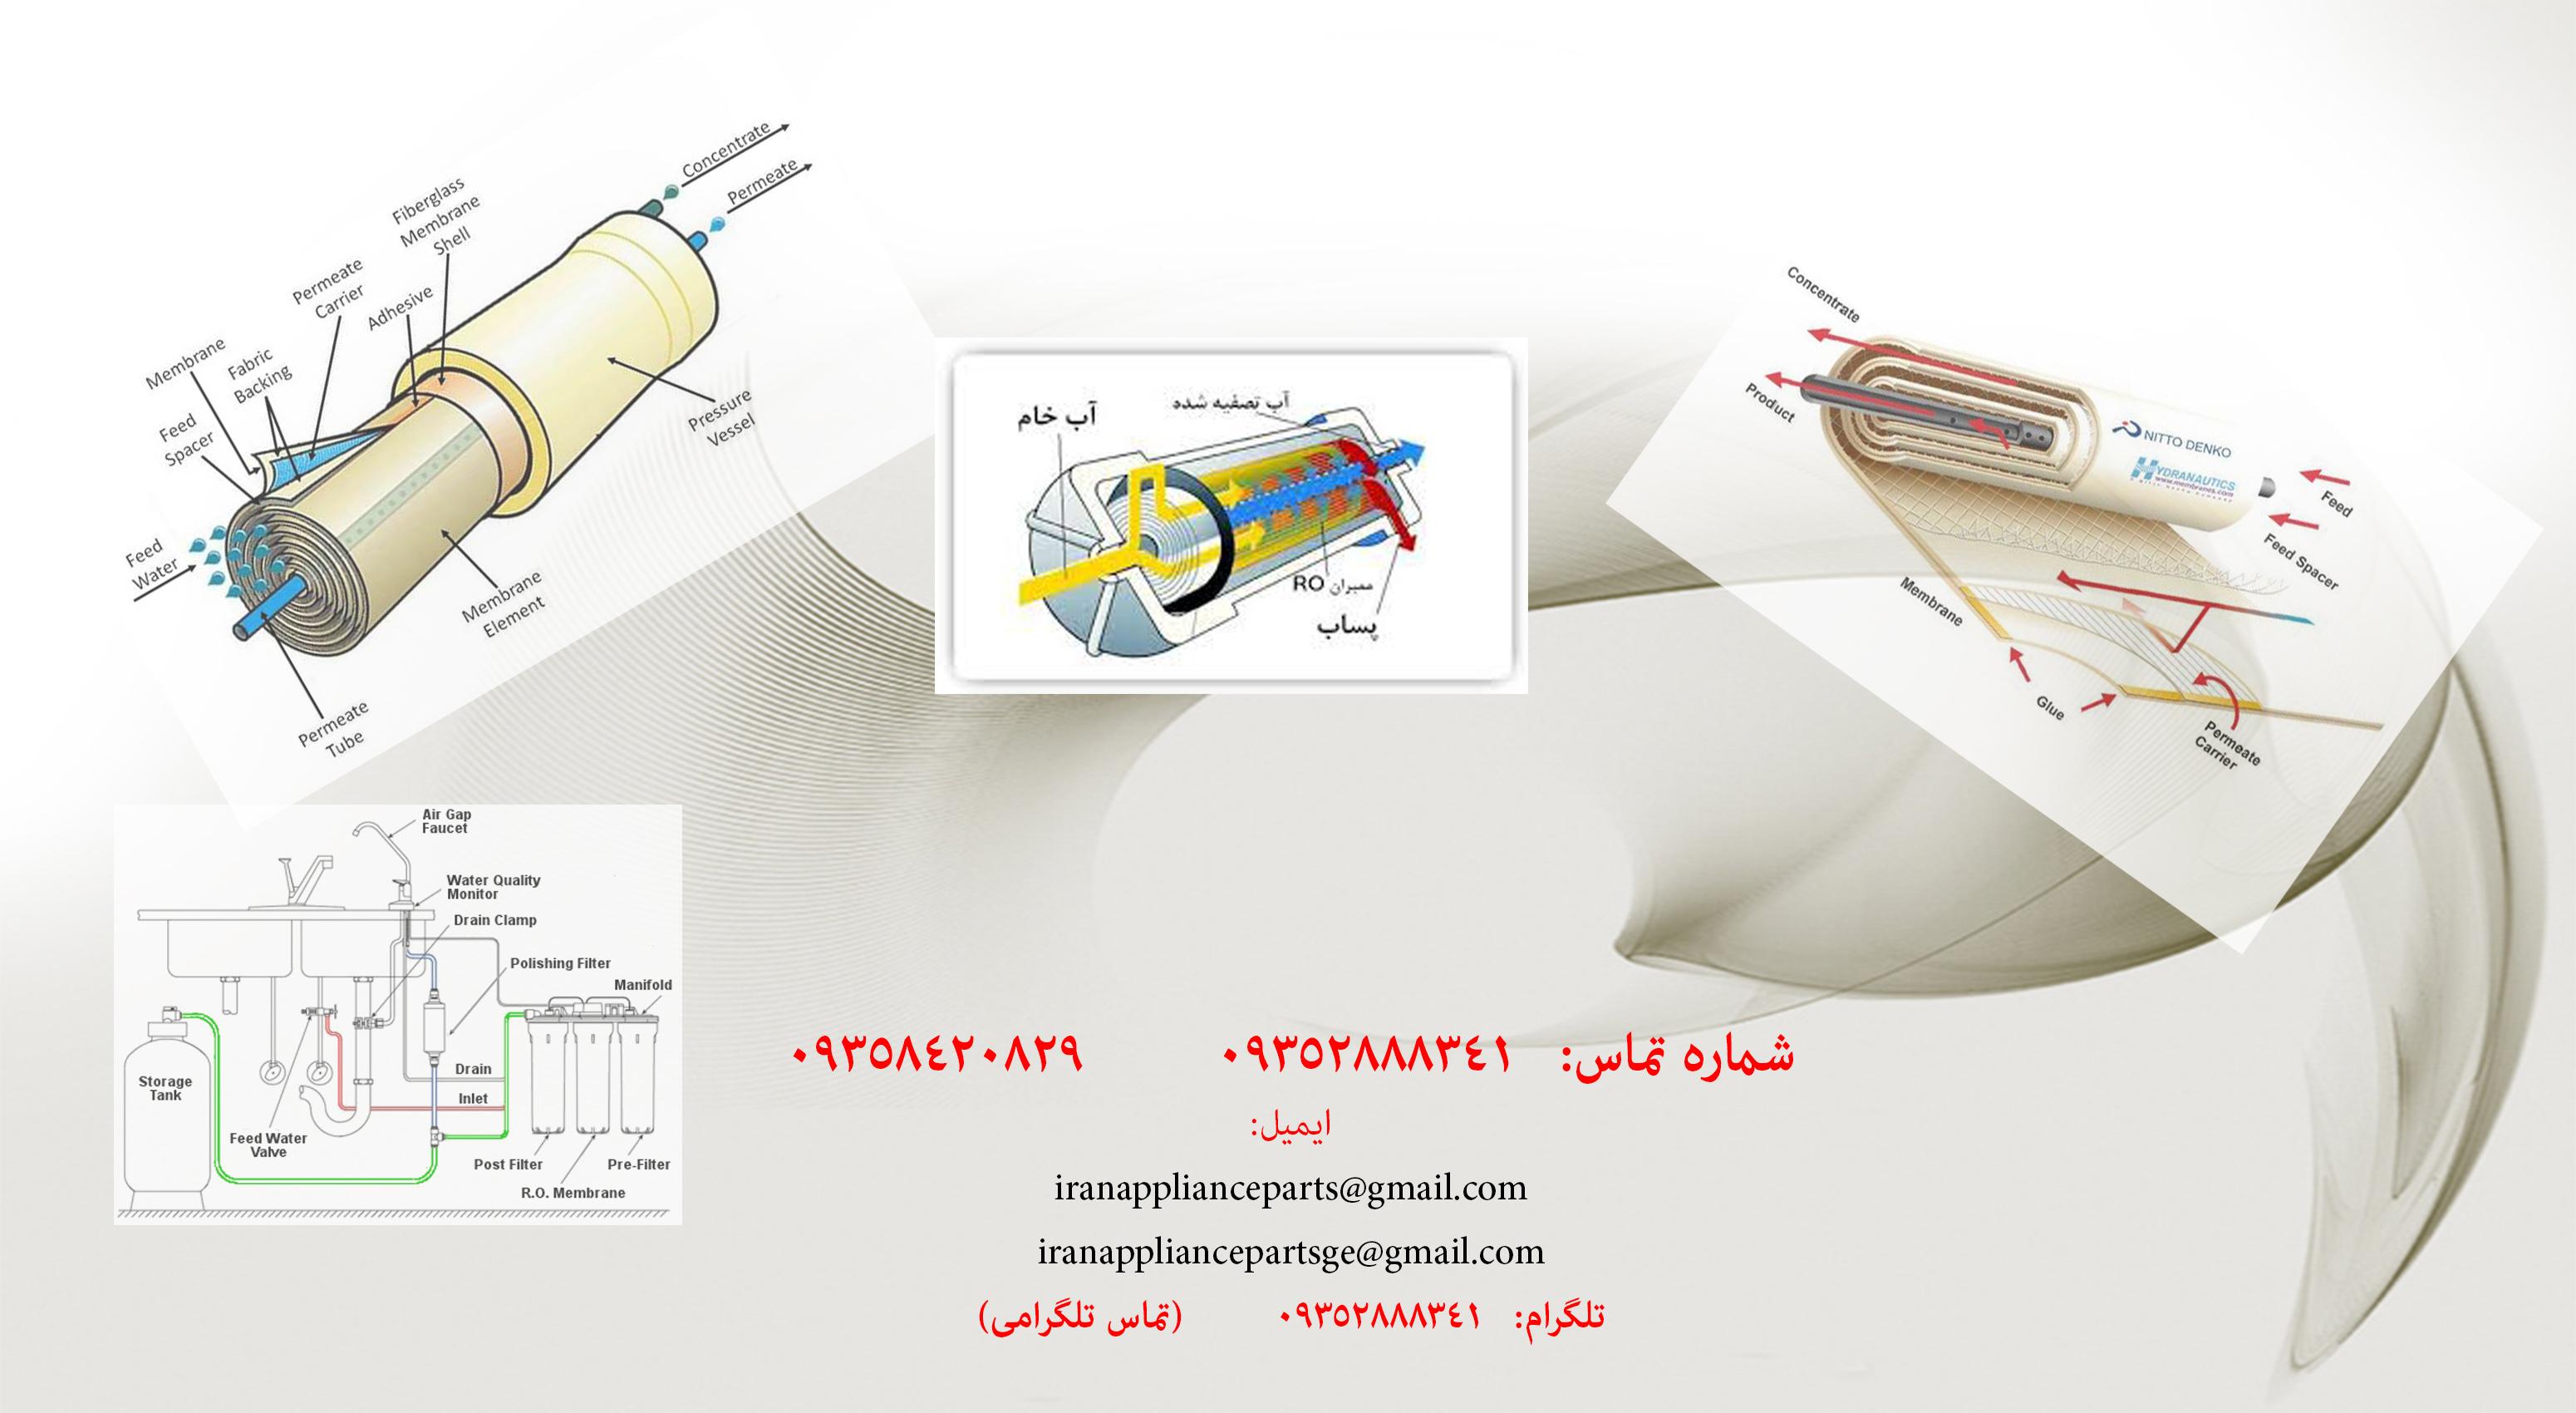 فیلتر های تصفیه آب 6 مرحله ای دستگاه تصفیه آب خانگی 6 مرحله ای